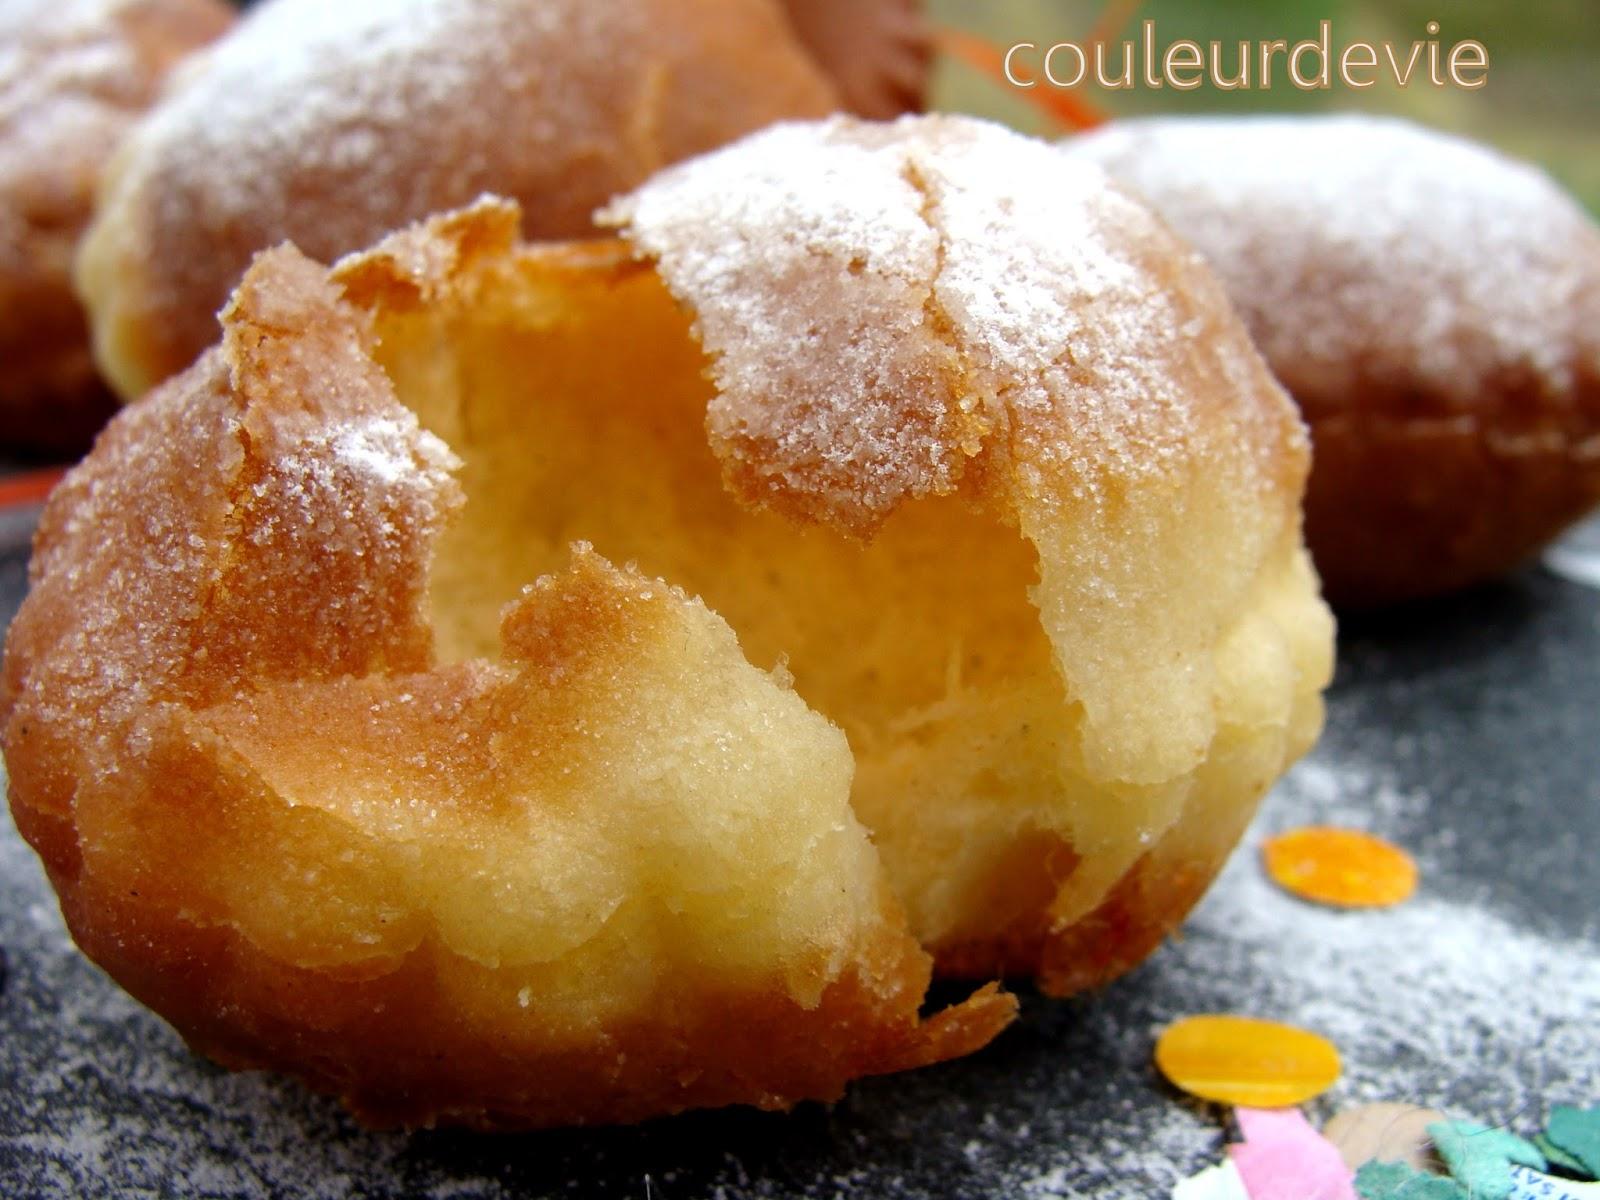 Petits g teaux et muffins couleurdevie - Pate a beignet avec levure de boulanger ...